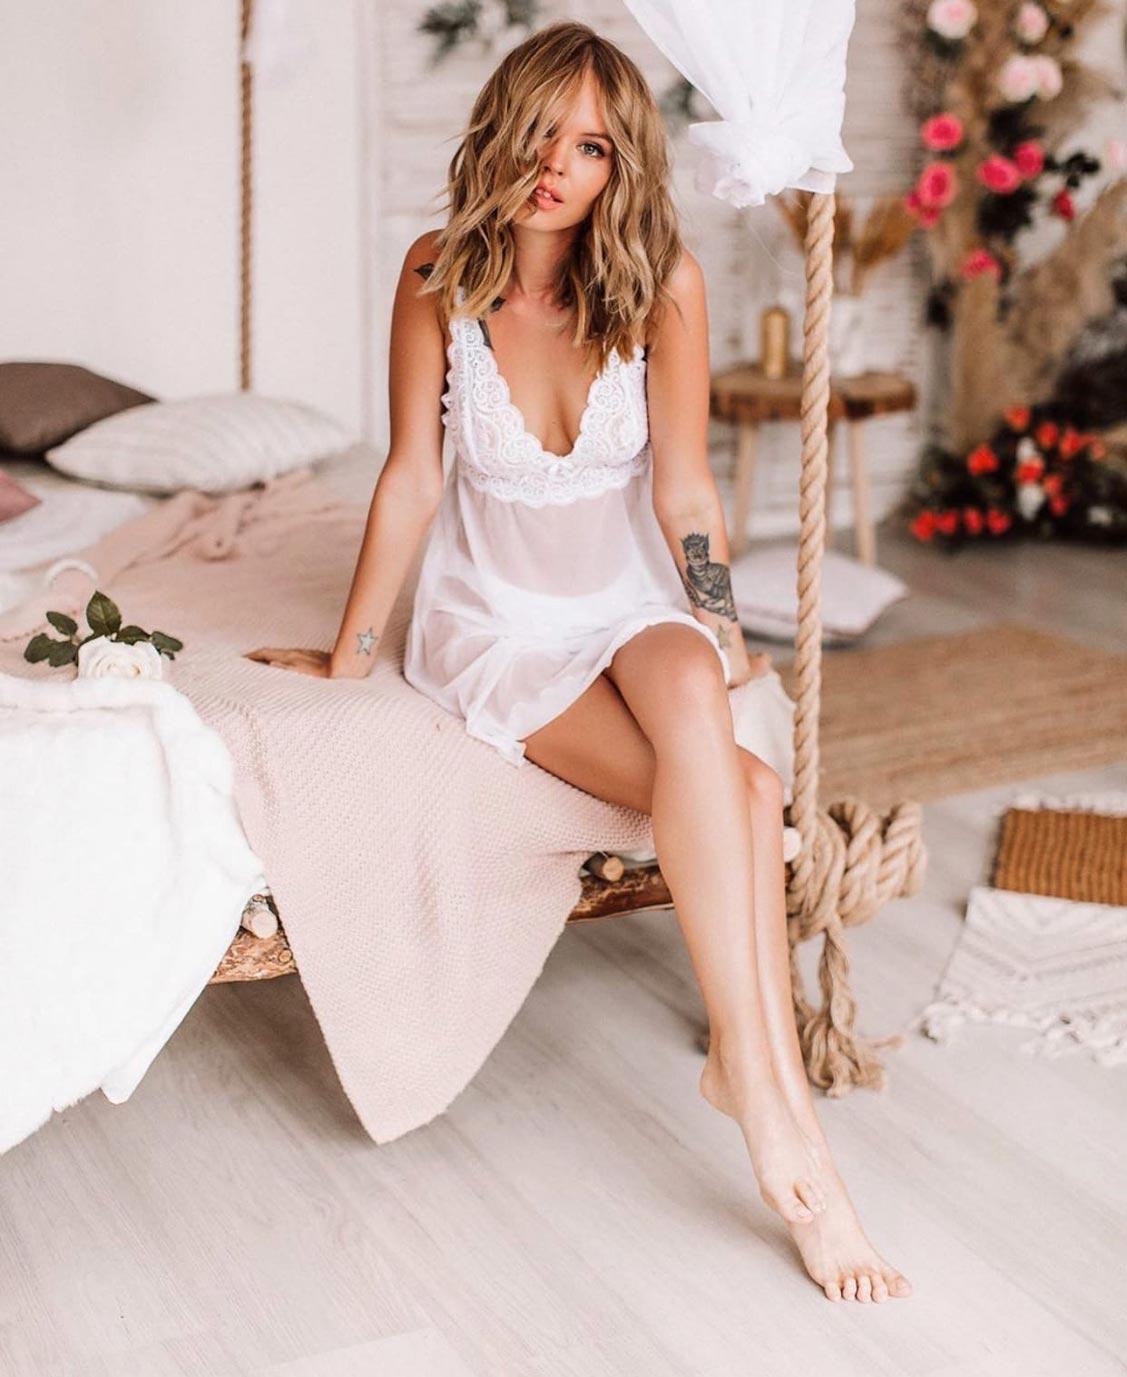 Анастасия Щеглова в нижнем белье торговой марки MissX / фото 38